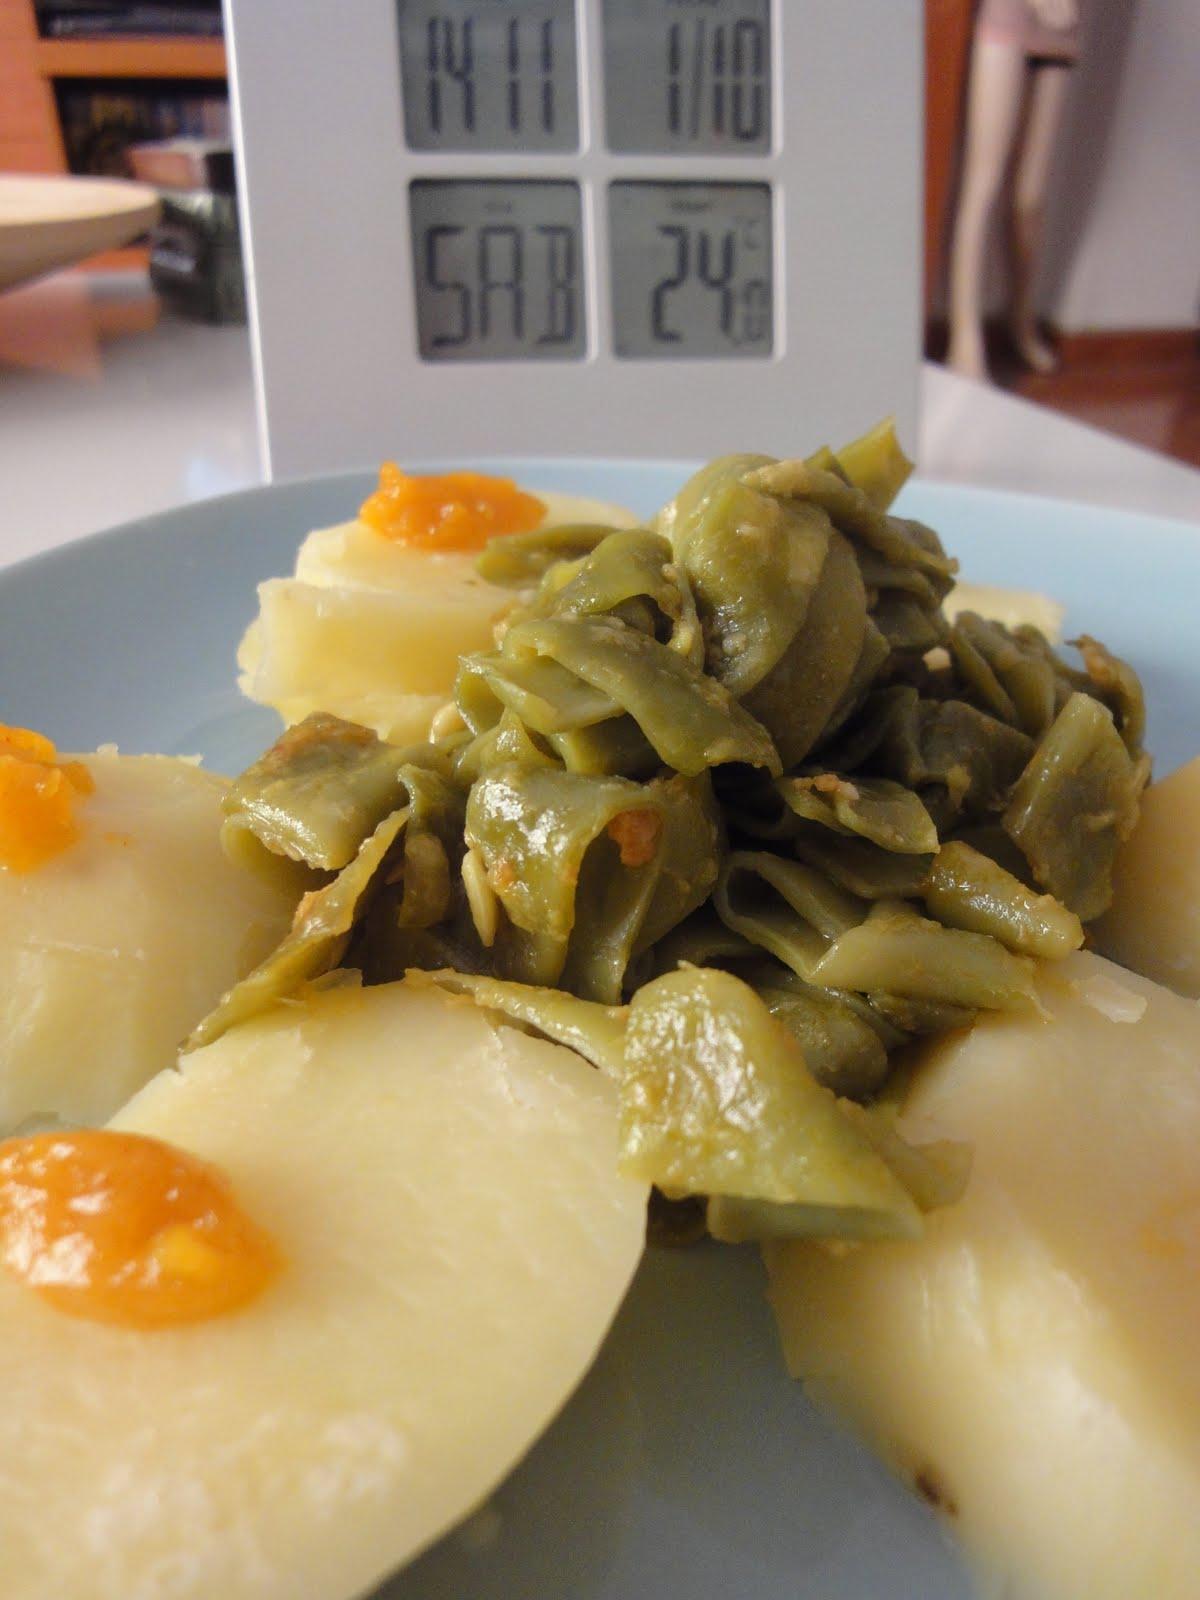 Clases de cocina zaragoza jud as verdes con patata y - Cursos de cocina zaragoza ...